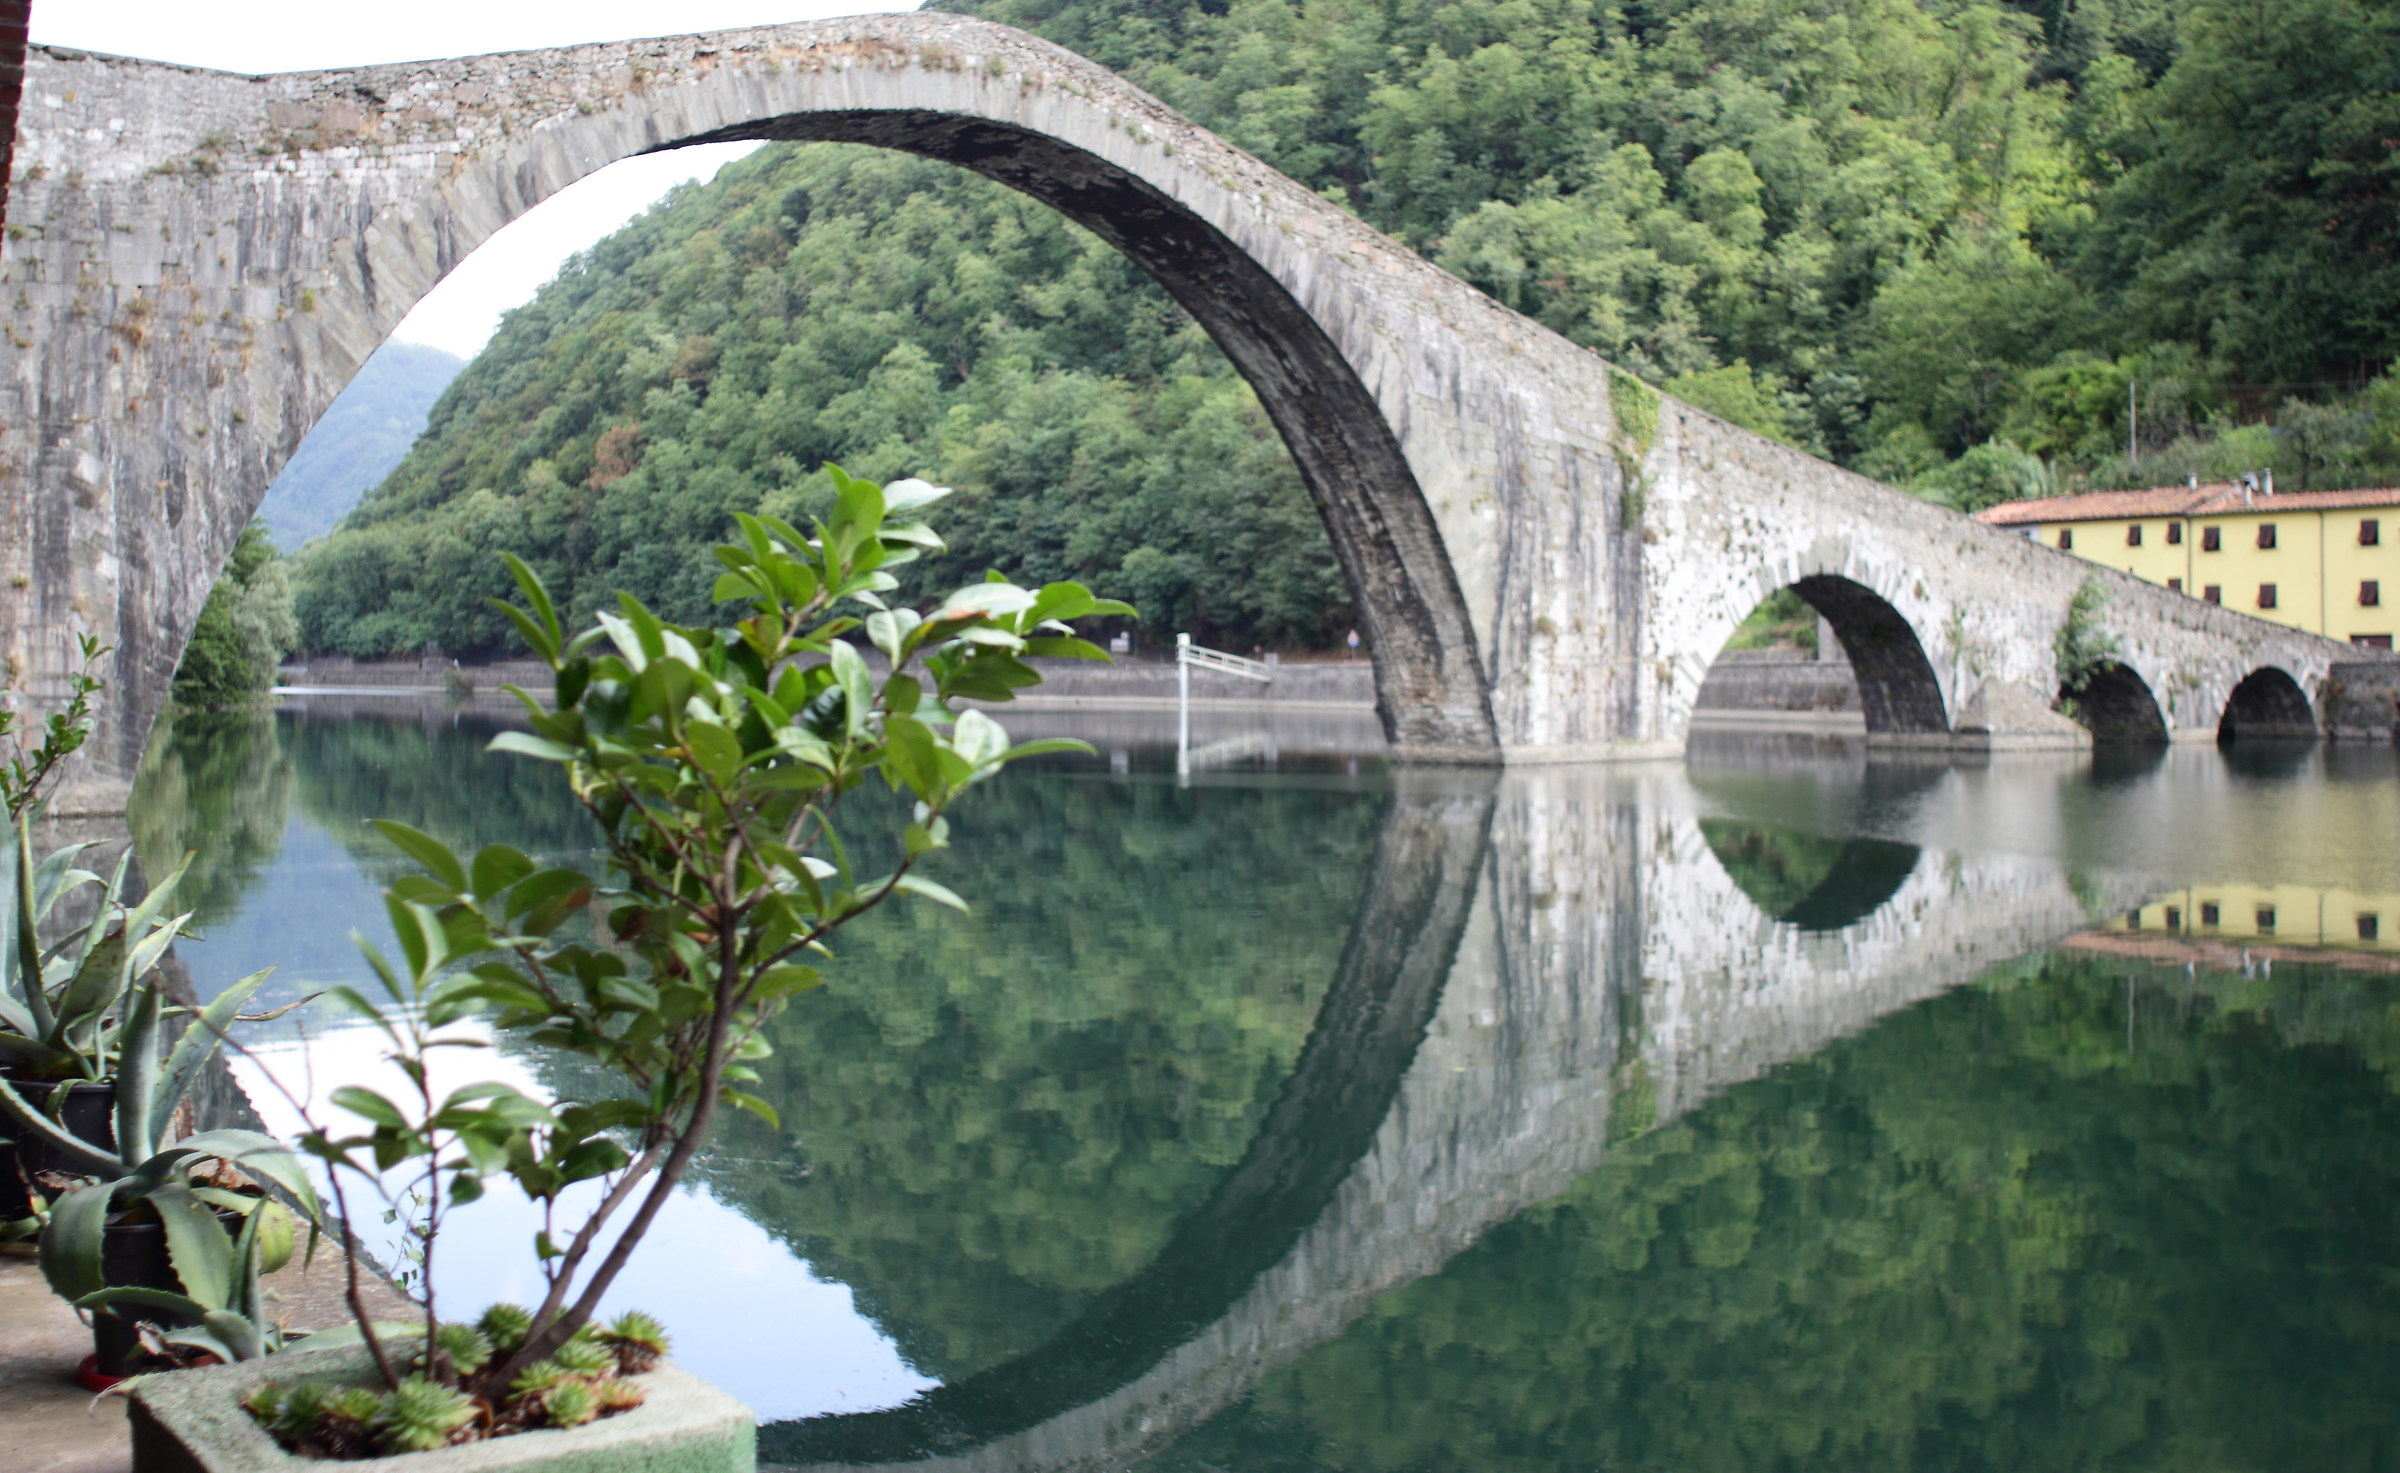 The Devil's Bridge in Garfagnana...